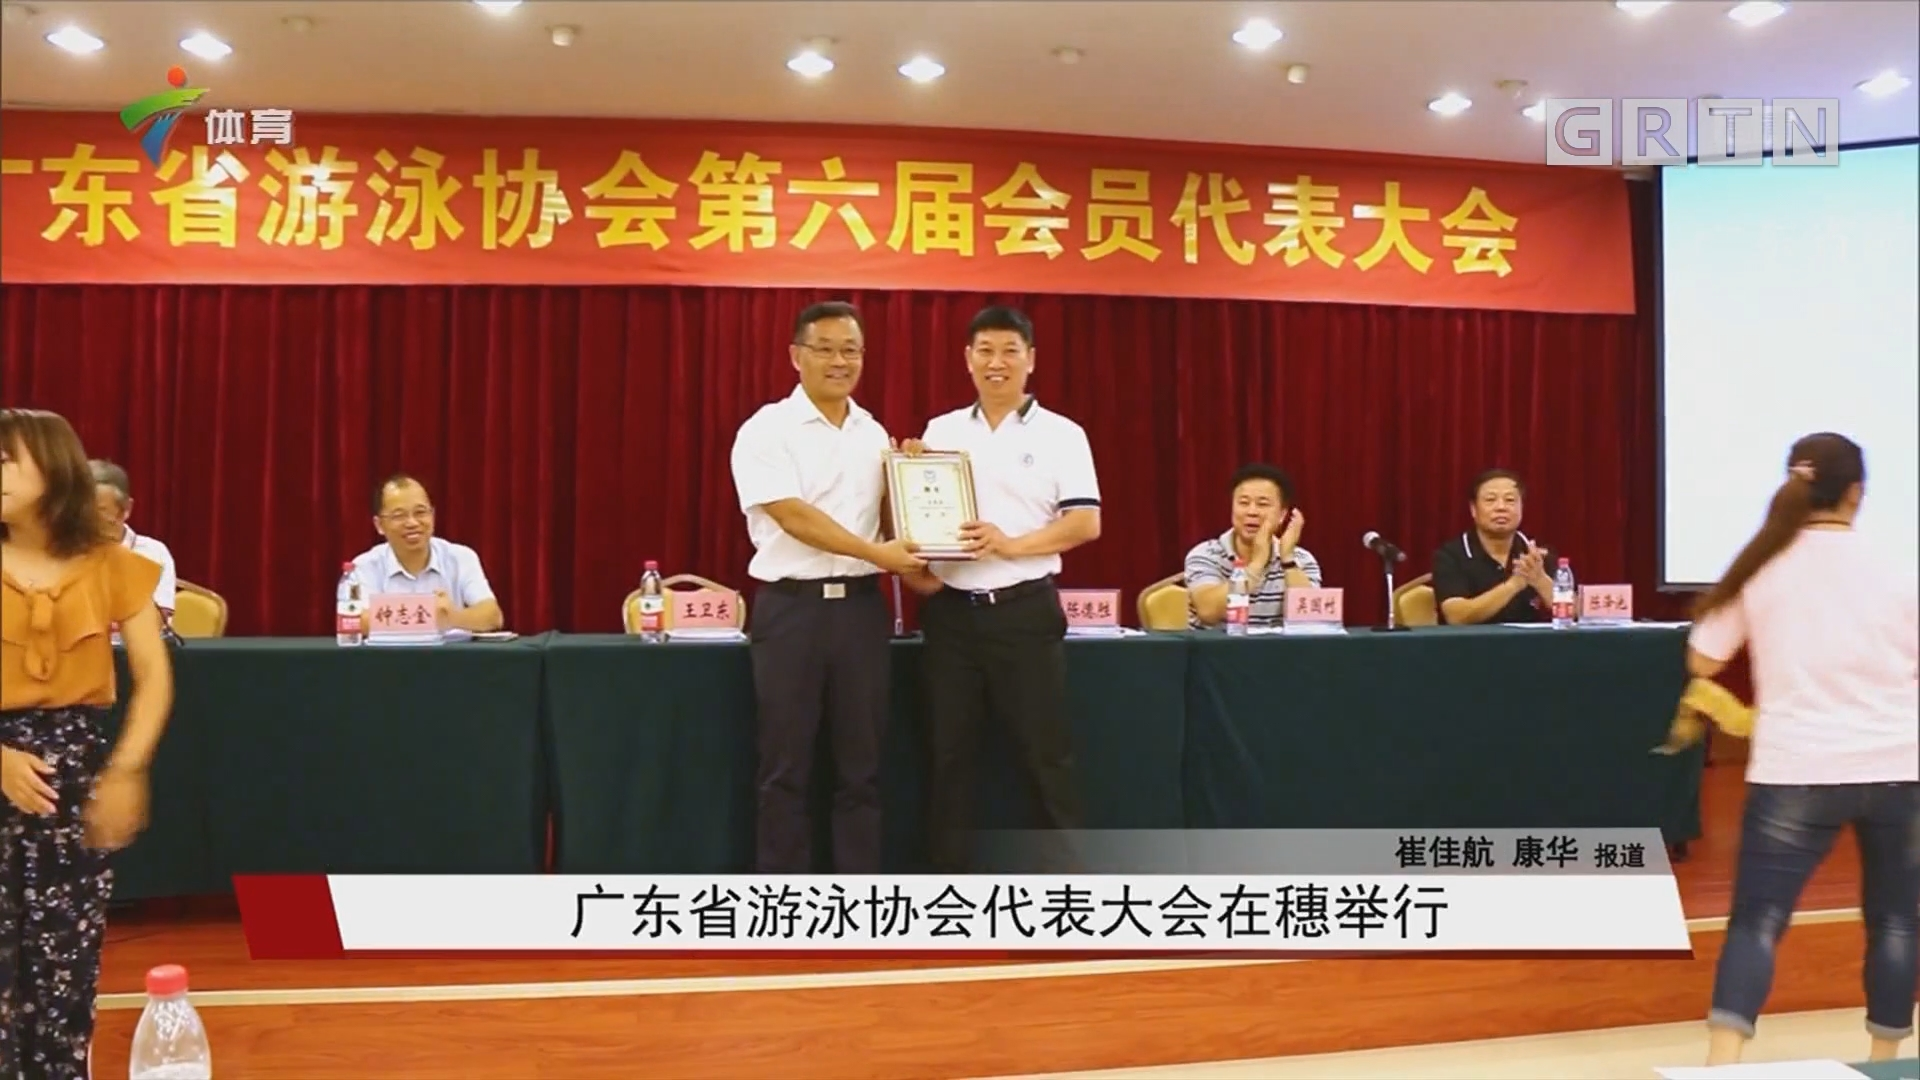 广东省游泳协会代表大会在穗举行